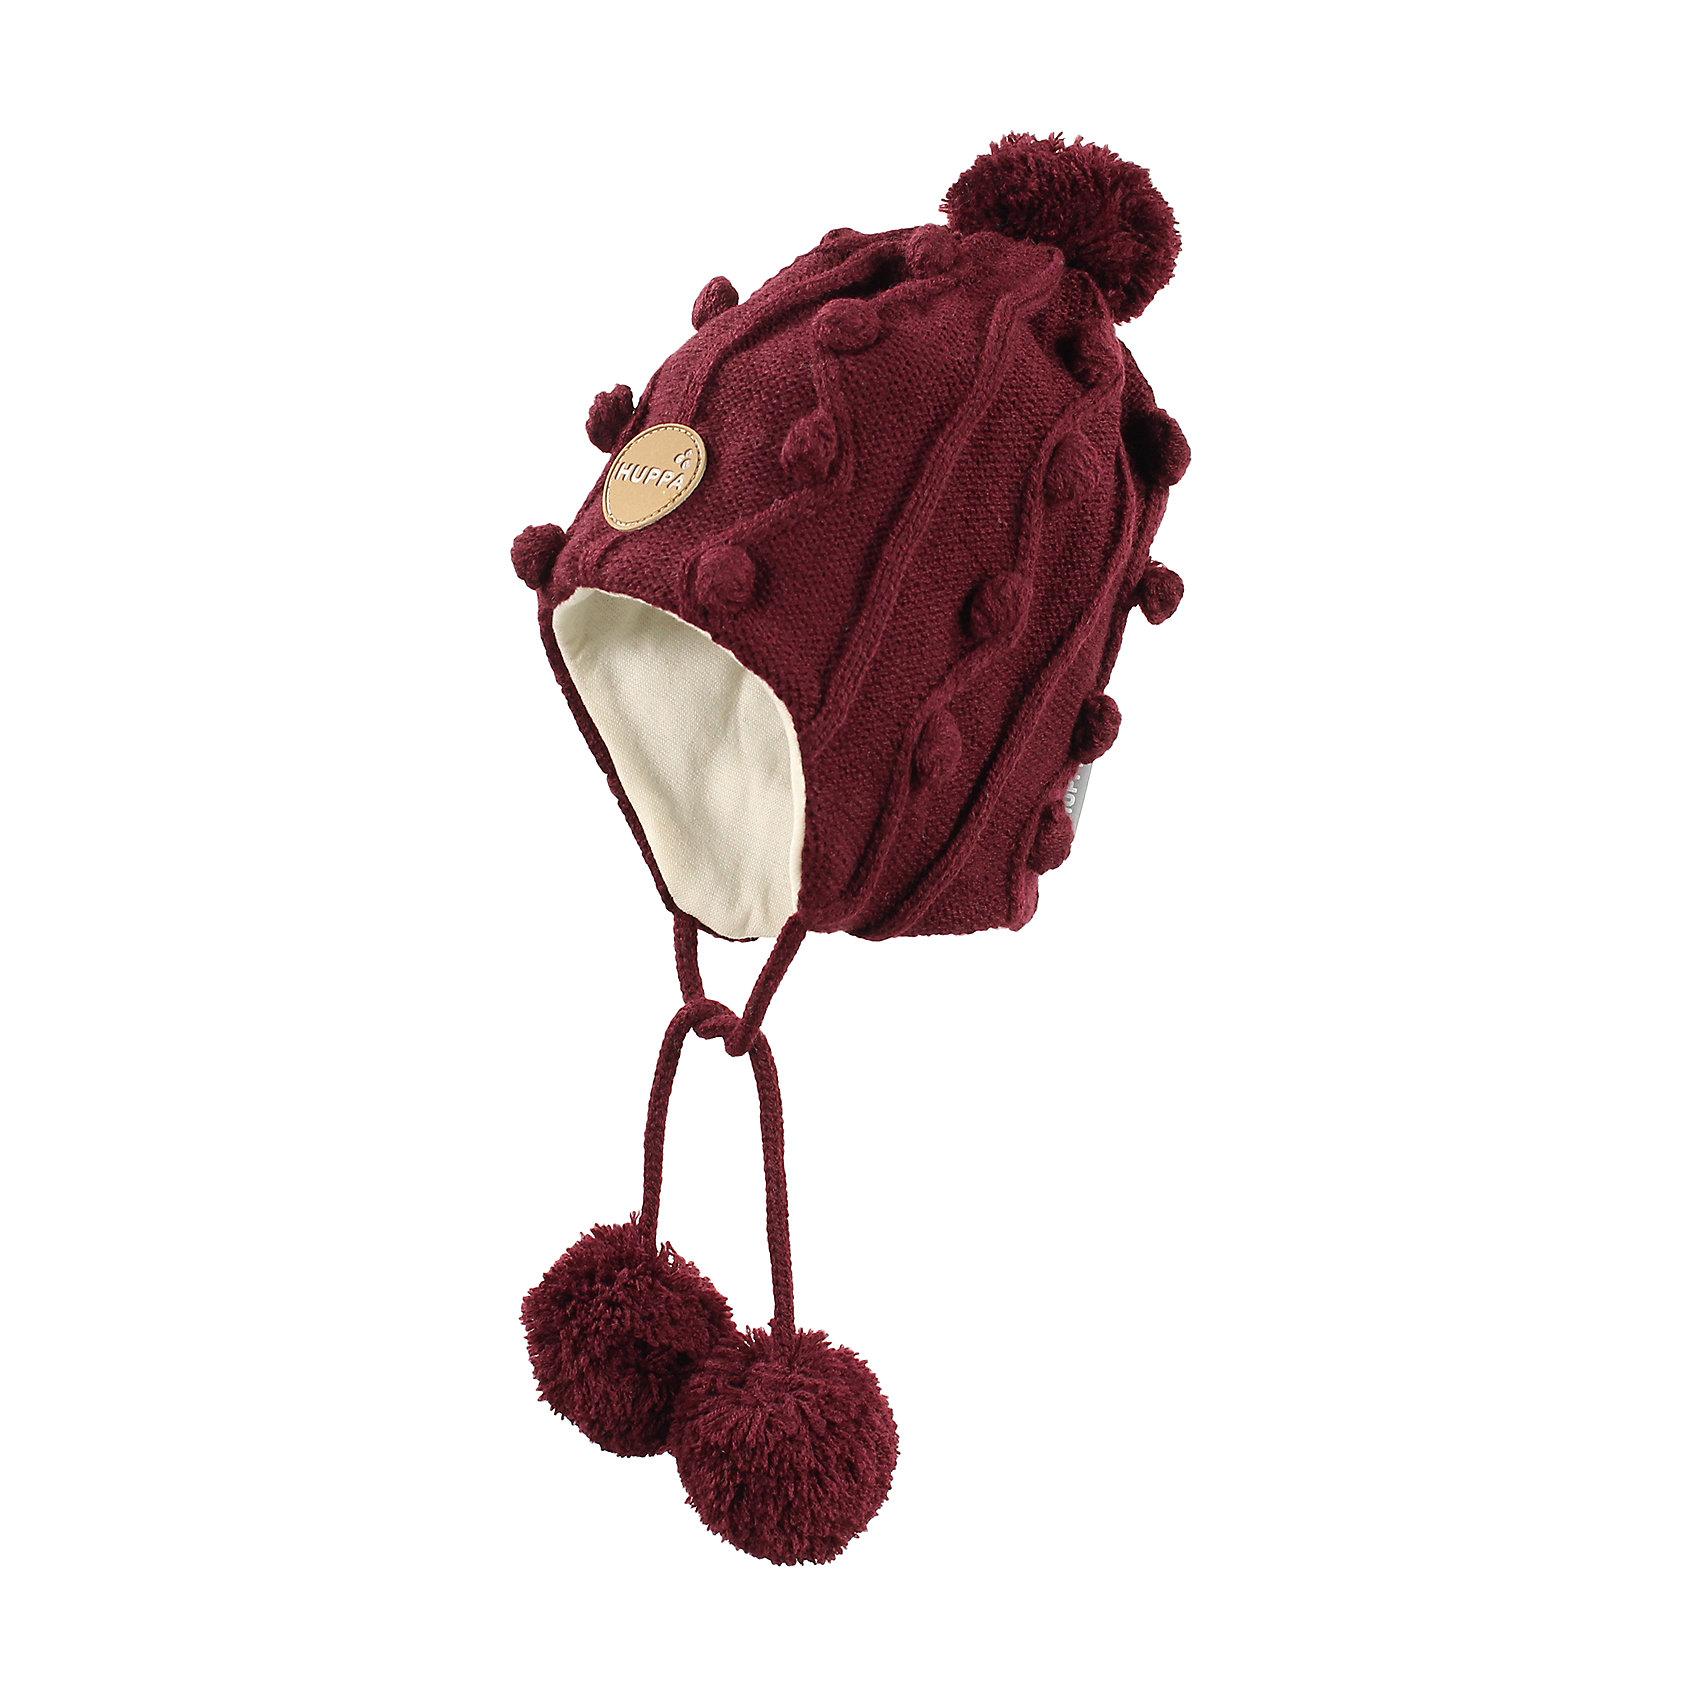 Шапка для девочки HuppaГоловные уборы<br>Симпатичная зимняя вязаная шапка для девочек. Для удобства ношения у шапки подкладка из хлопкового трикотажа и ленты с помпонами, при помощи которых шапку можно хорошо завязать и защитить уши от холода. Шапка с красивыми косичками хорошо сочетается с зимними пальто и куртками для девочек.<br><br>Шапку для девочки Huppa (Хуппа) можно купить в нашем магазине.<br><br>Ширина мм: 89<br>Глубина мм: 117<br>Высота мм: 44<br>Вес г: 155<br>Цвет: бордовый<br>Возраст от месяцев: 72<br>Возраст до месяцев: 120<br>Пол: Женский<br>Возраст: Детский<br>Размер: 55-57,51-53,47-49<br>SKU: 4242944